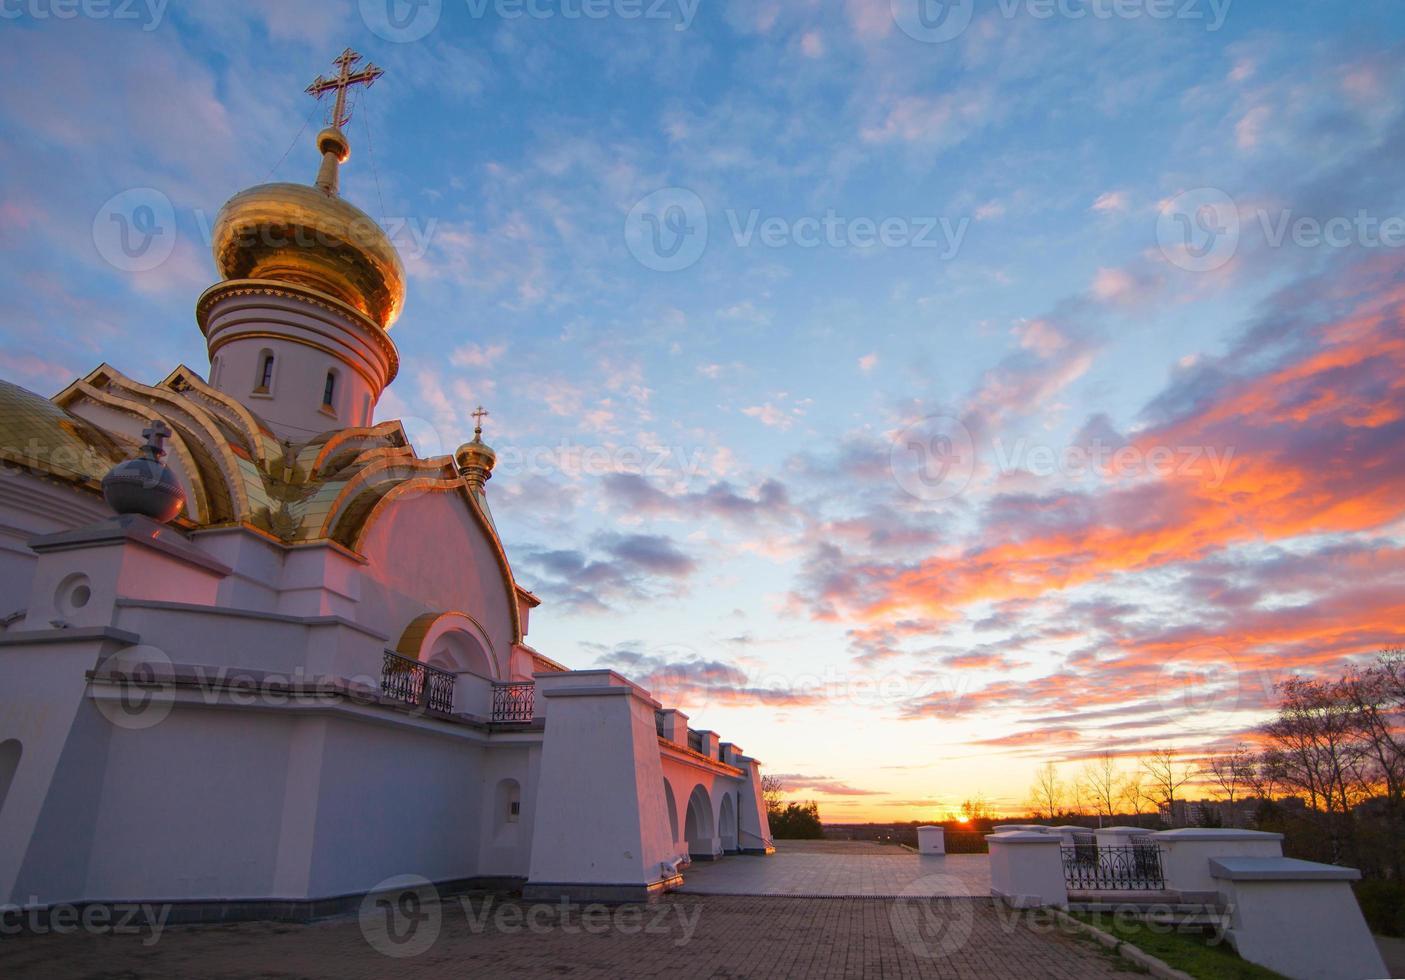 templo de serafim sarovsky no pôr do sol em khabarovsk, rússia foto